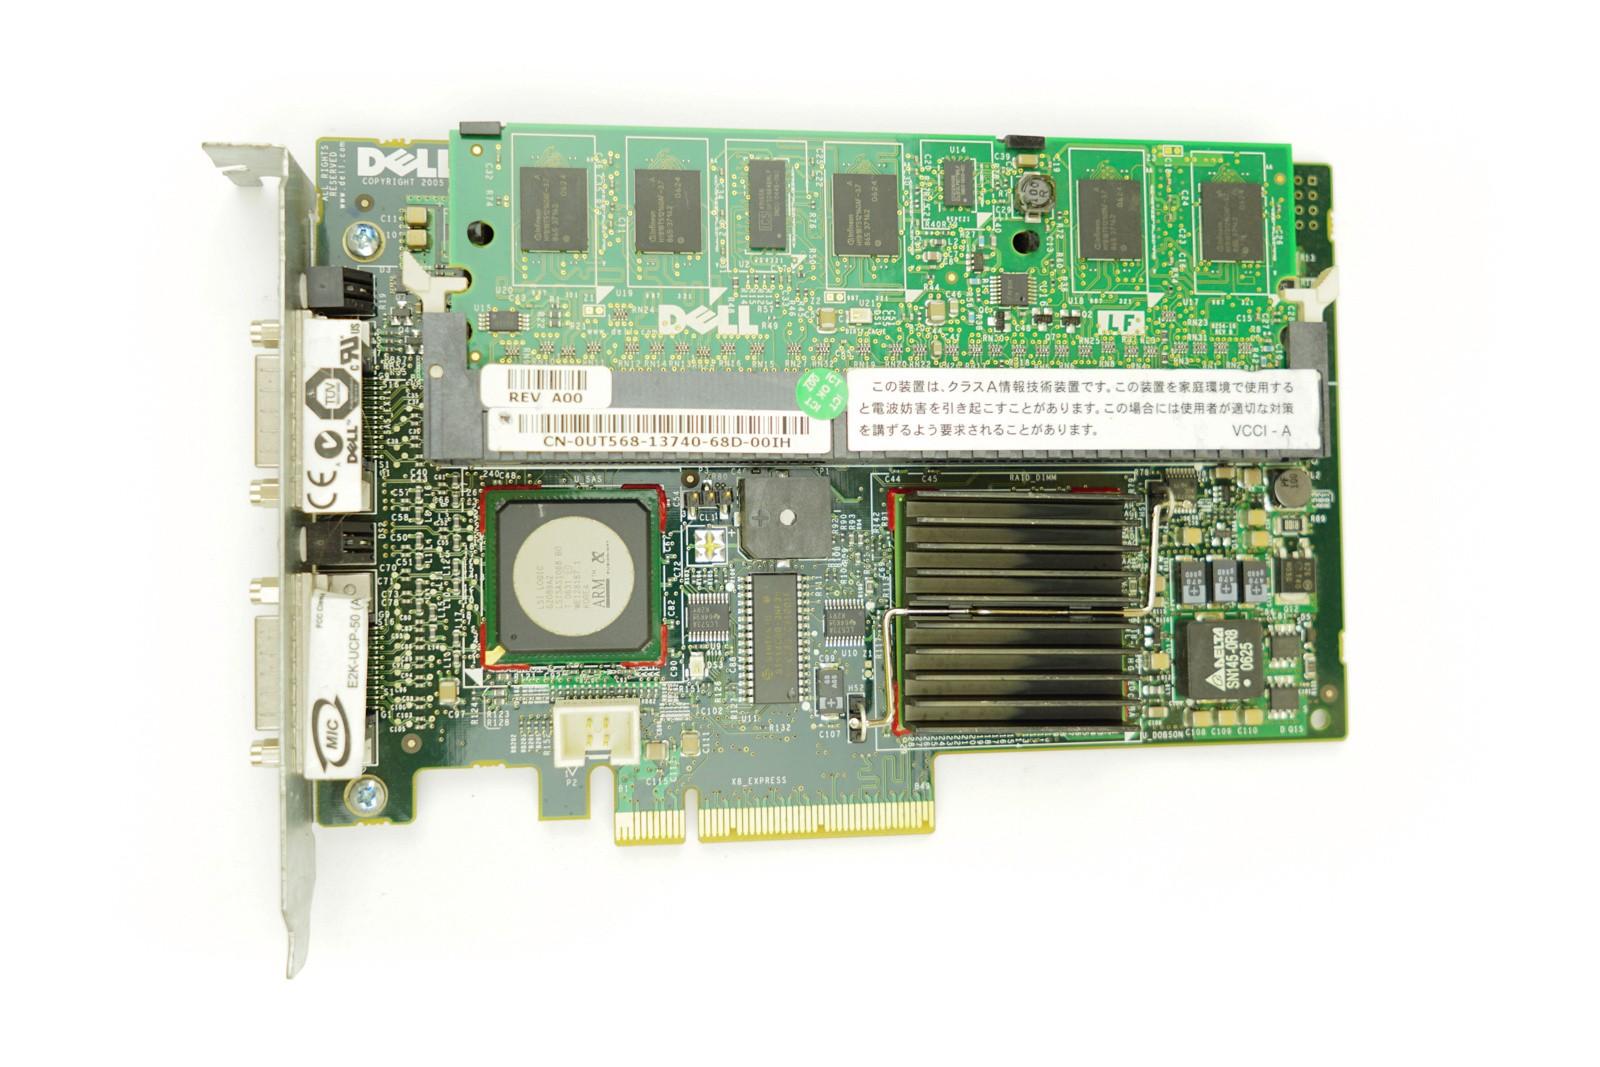 Dell PERC 5/e 9G 256MB - FH PCIe-x8 RAID Controller